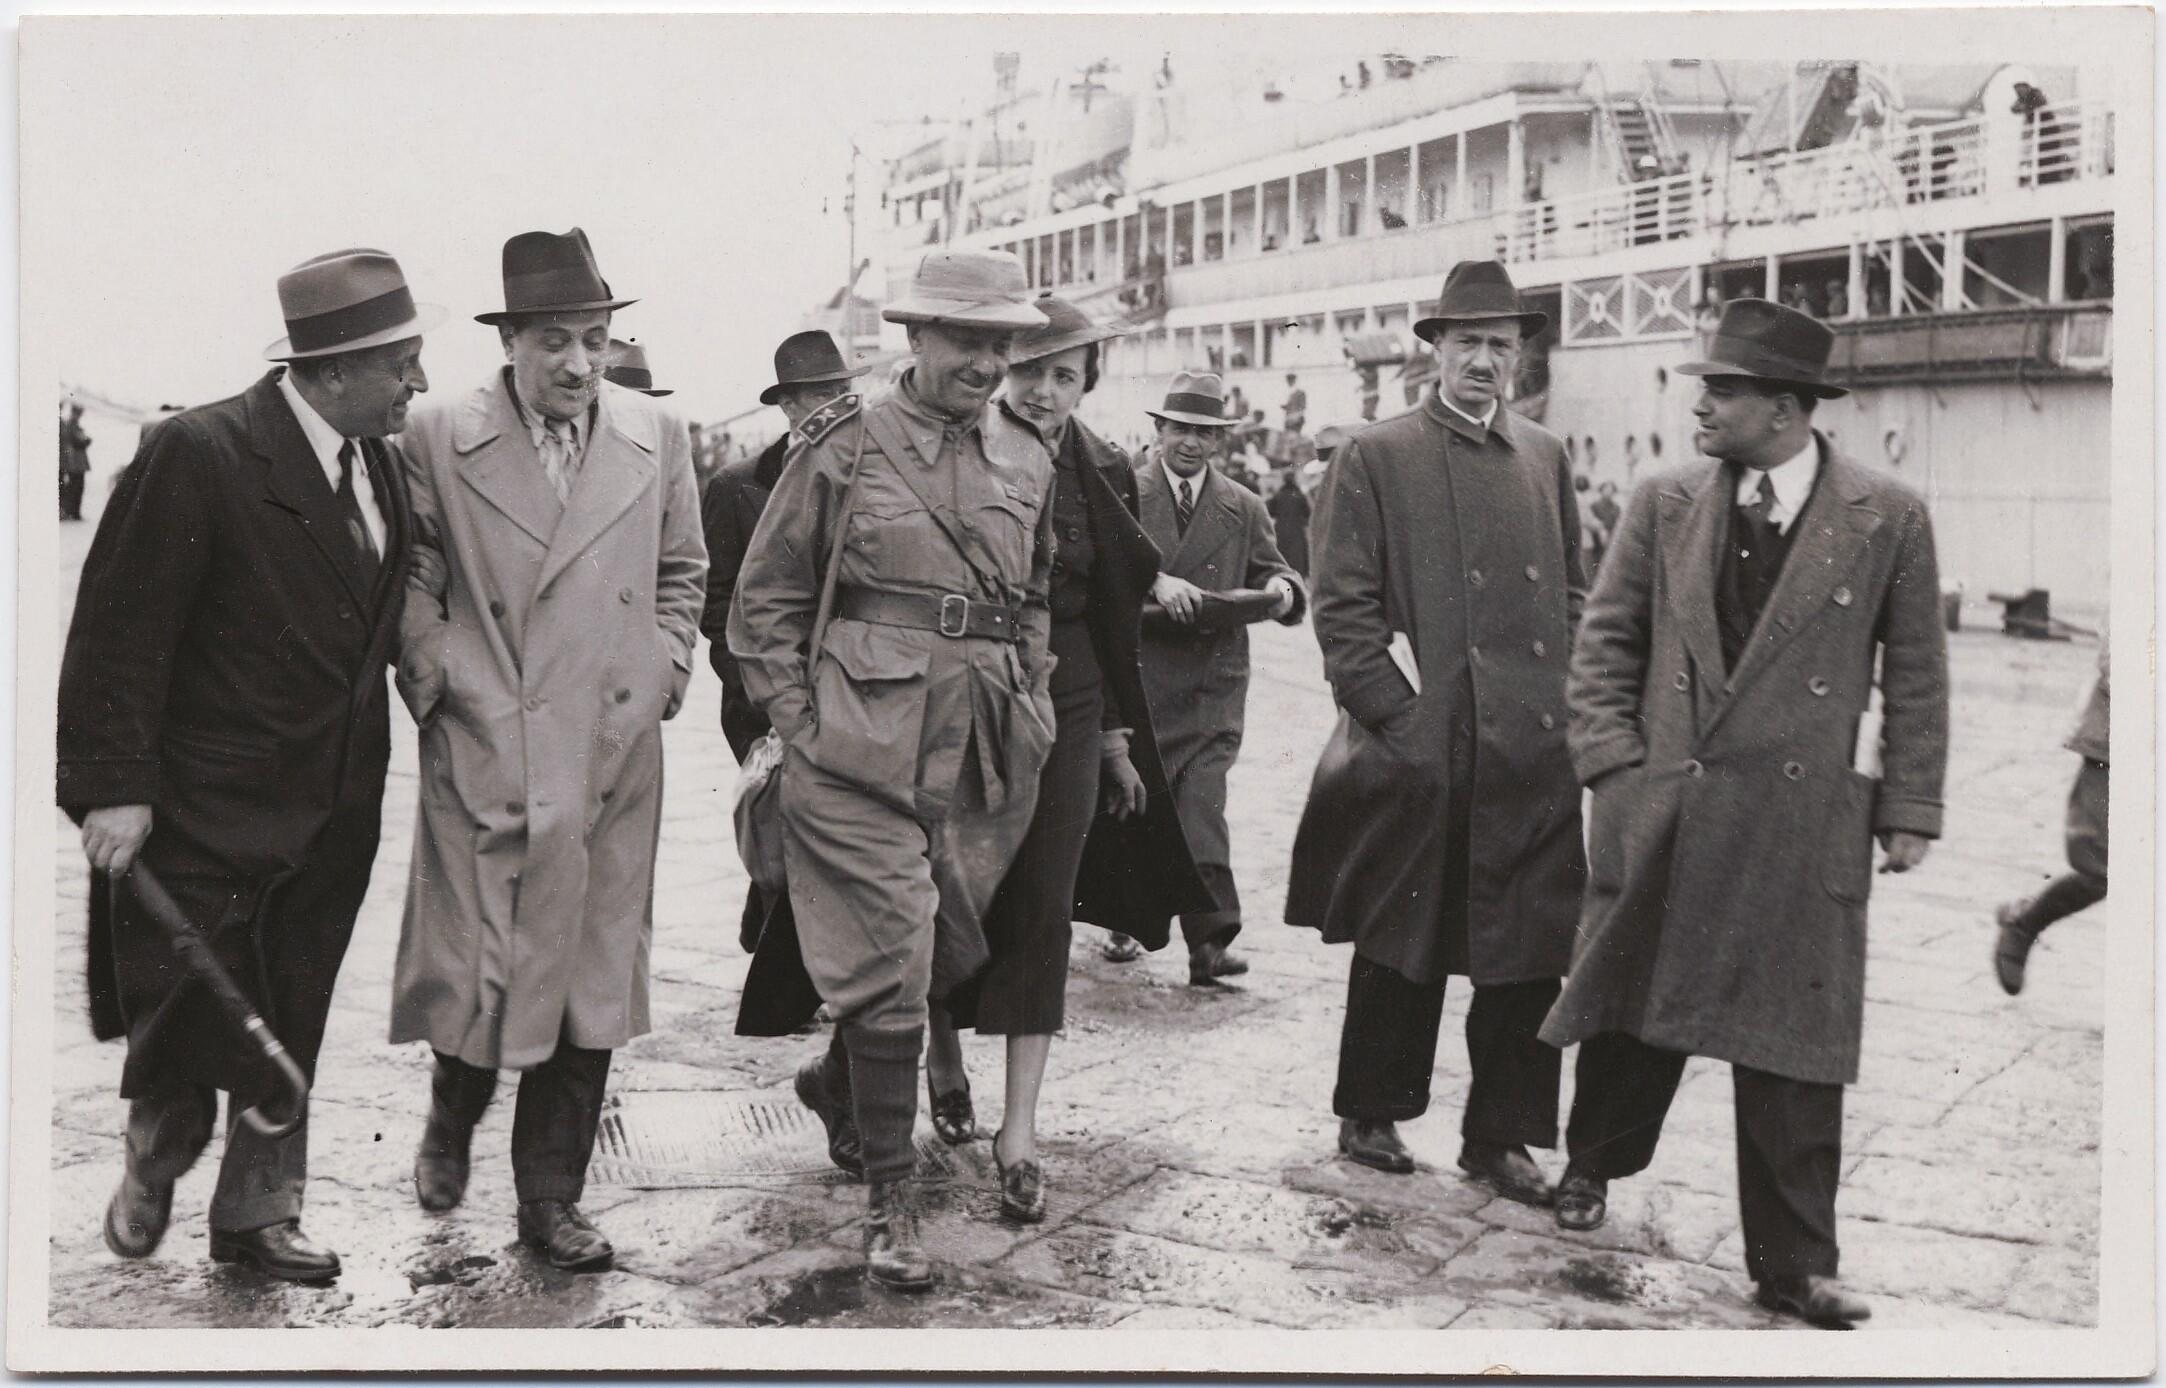 1936. Неаполь. Филиппо Томмазо Маринетти отправляется в Эфиопию. Бенедетта Каппа Маринетти позади него